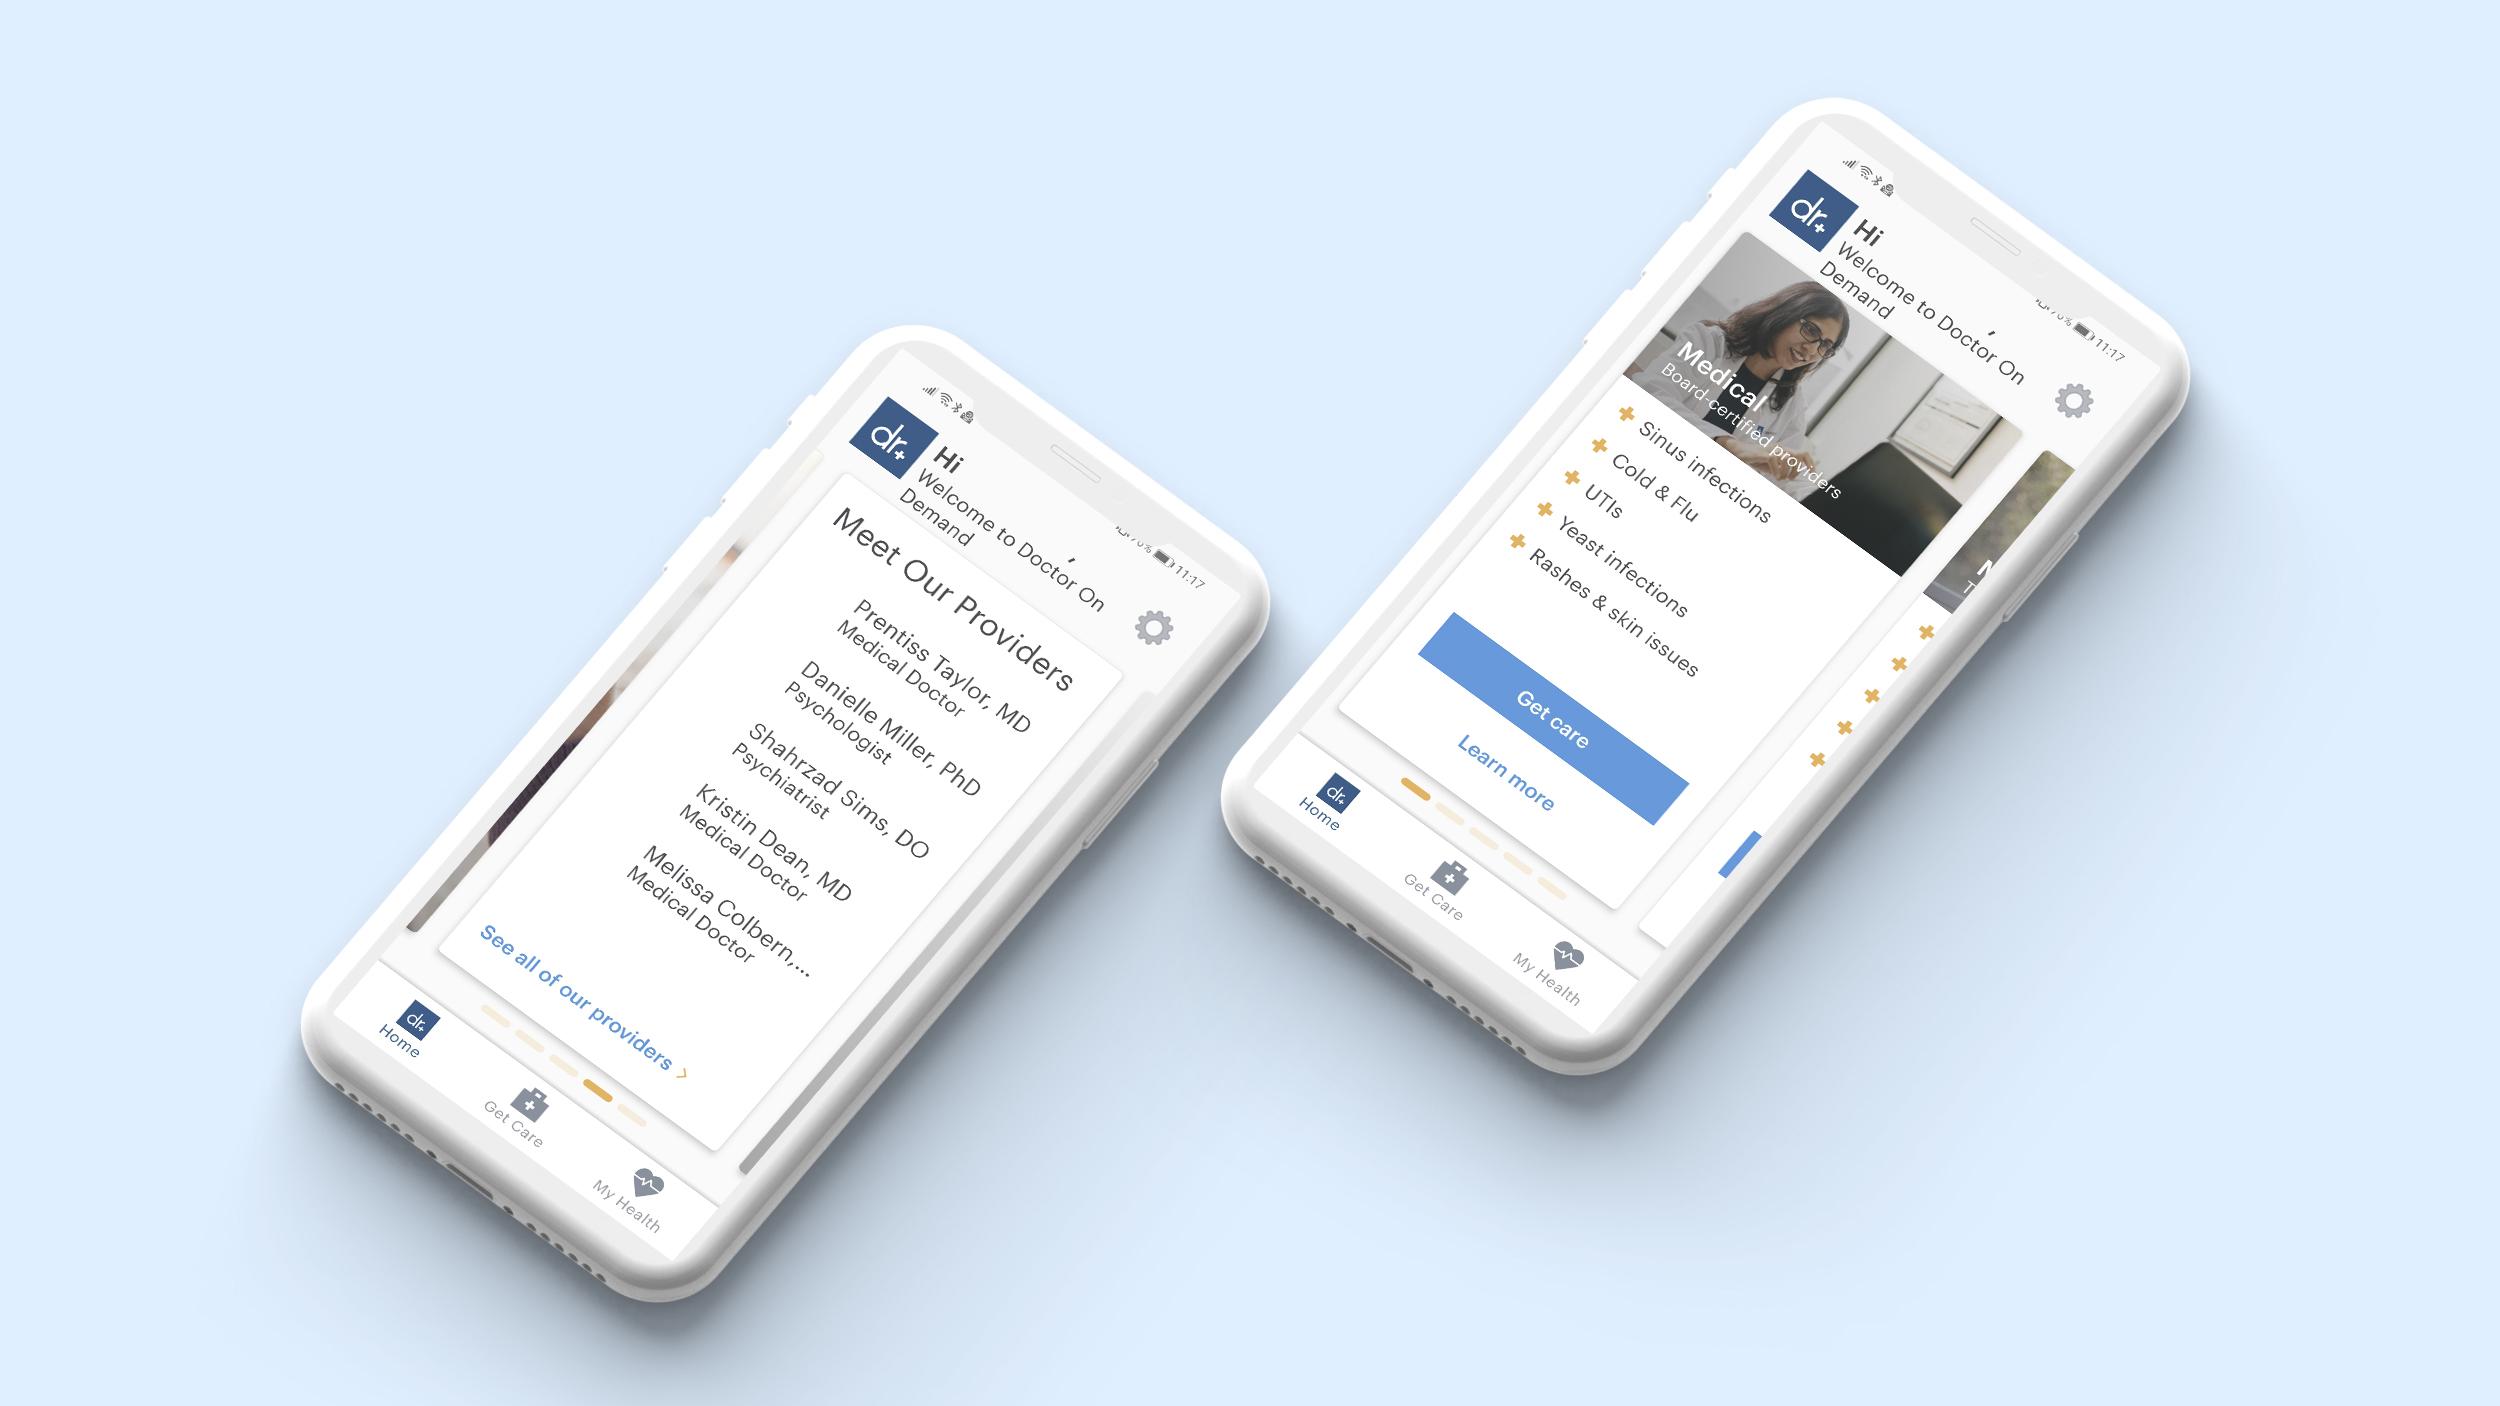 Find doctor via app